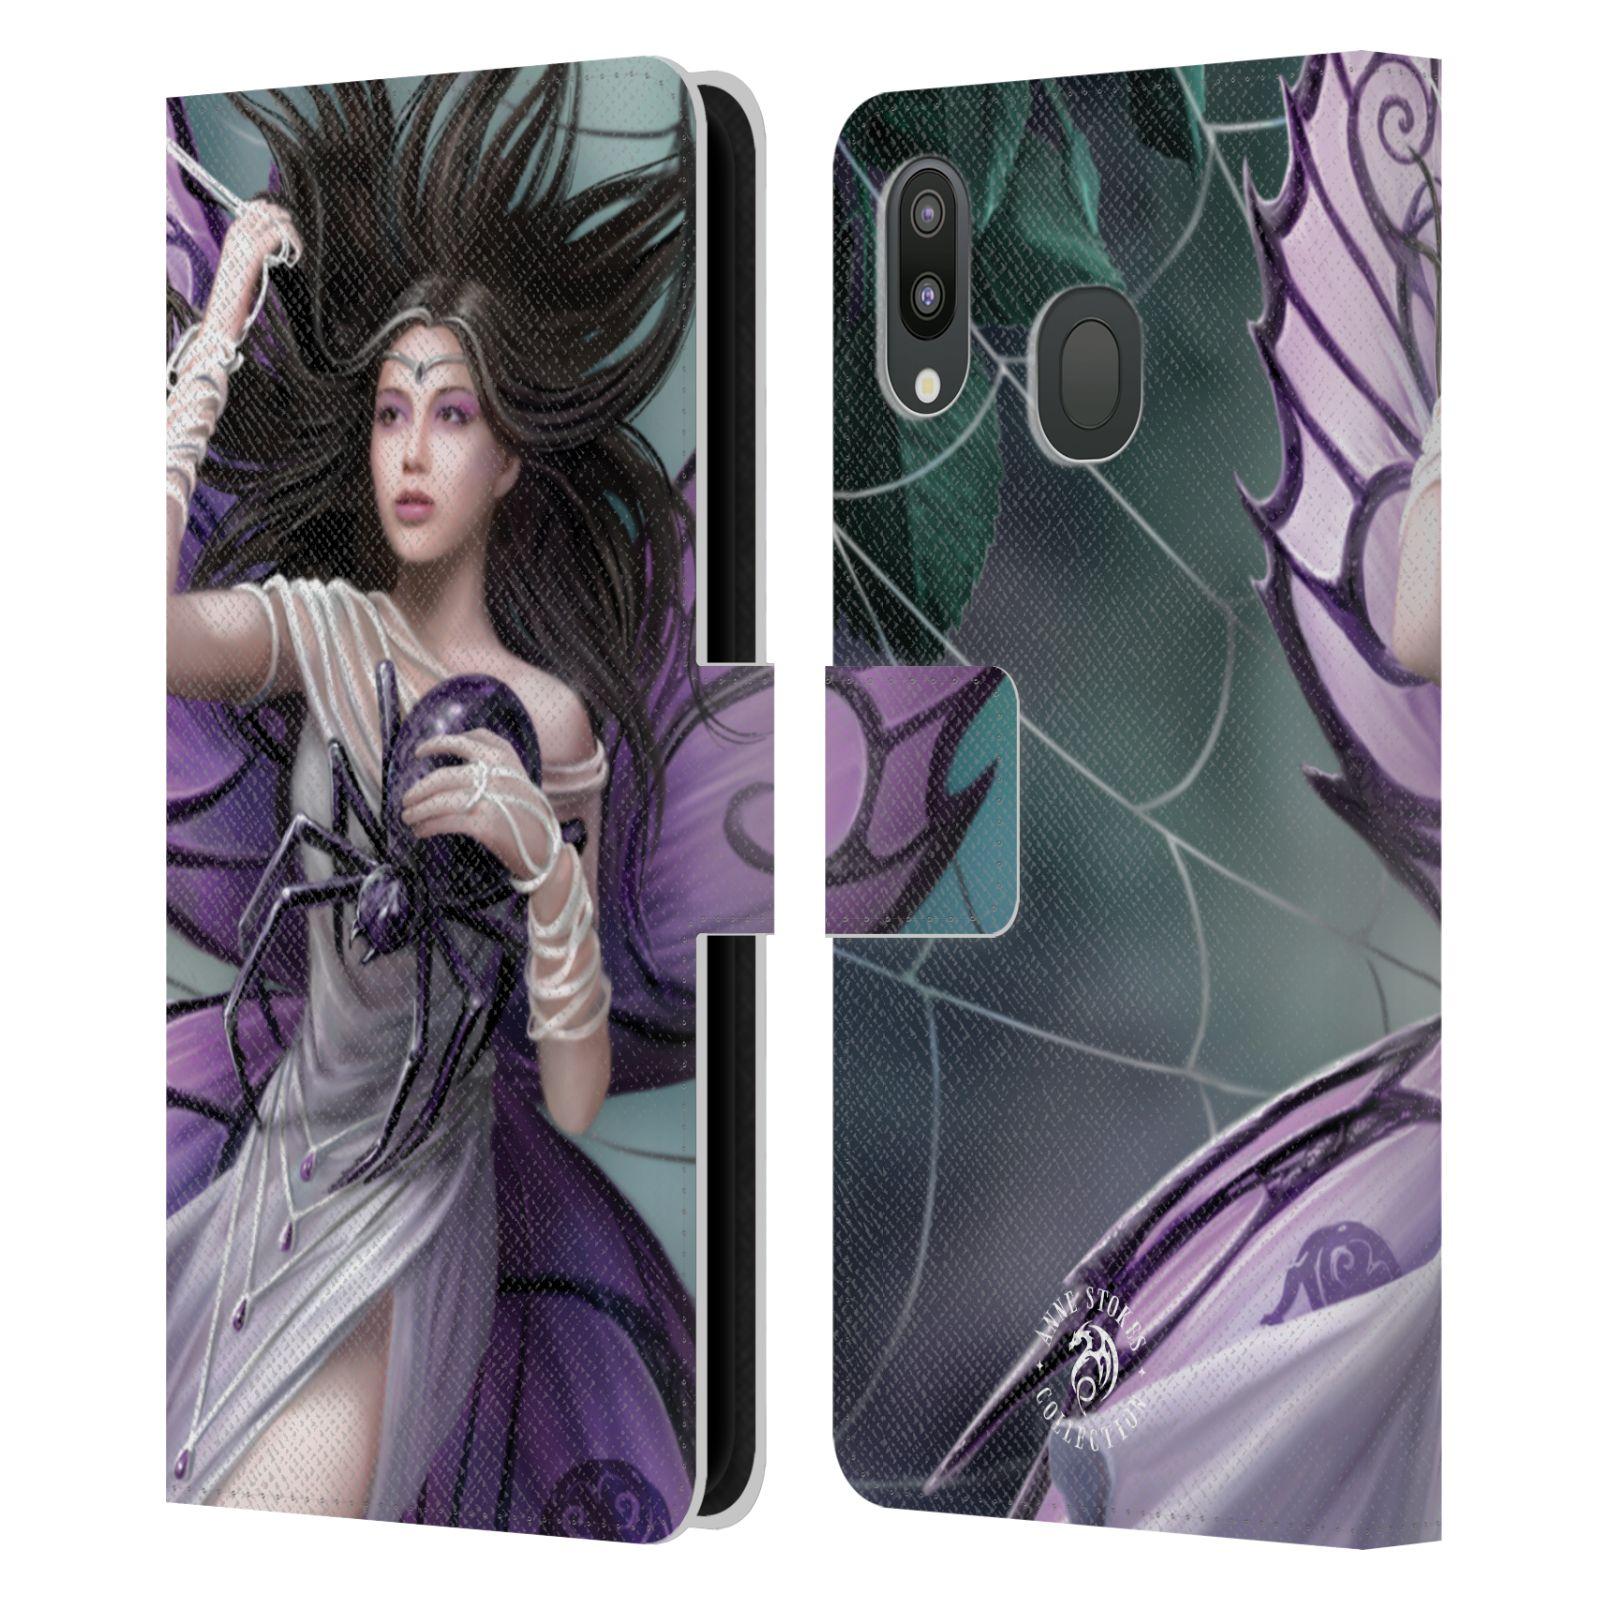 Pouzdro na mobil Samsung Galaxy M20 - Head Case - fantasy - žena svůdnice